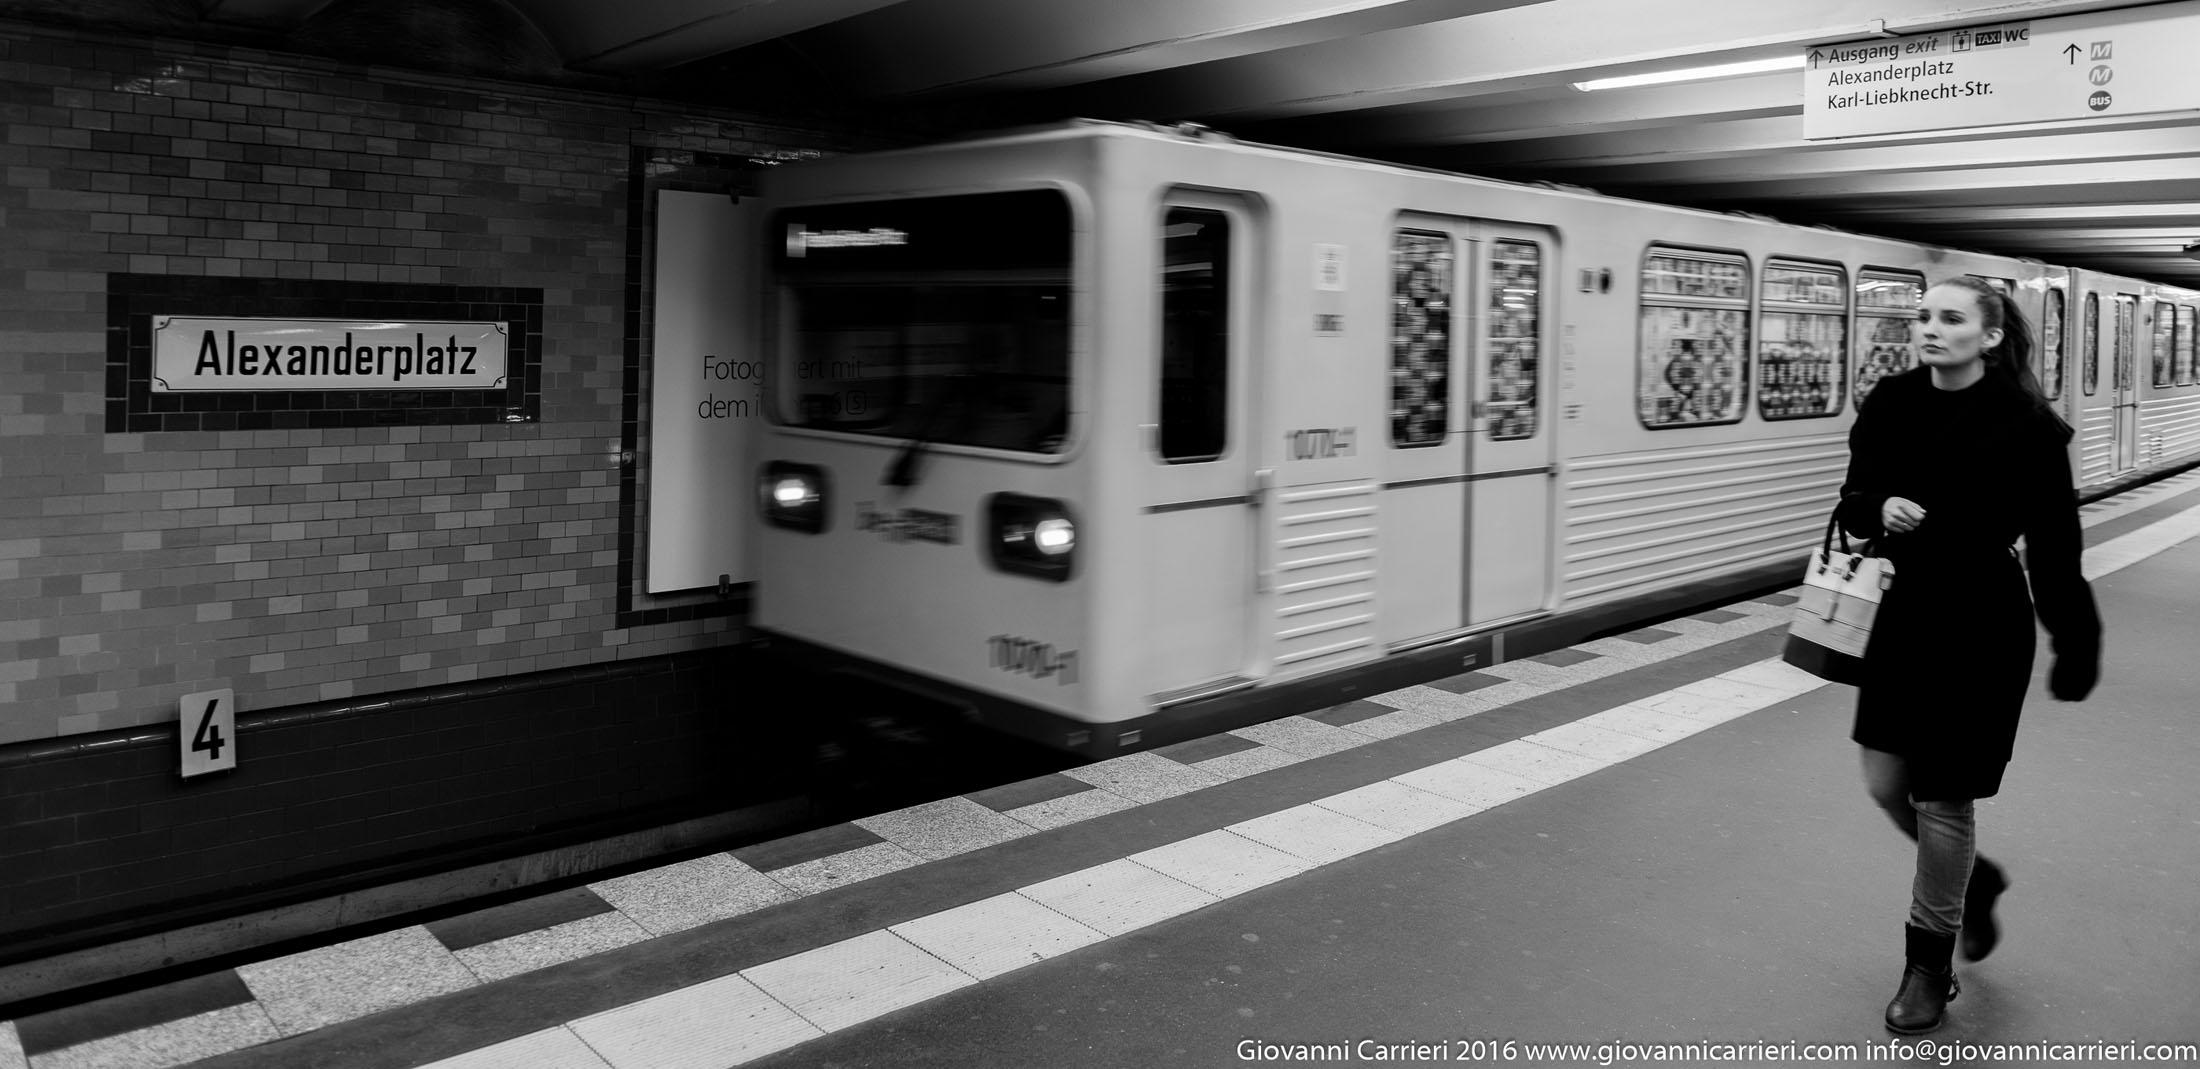 La stazione della metropolitana ad Alexanderplatz